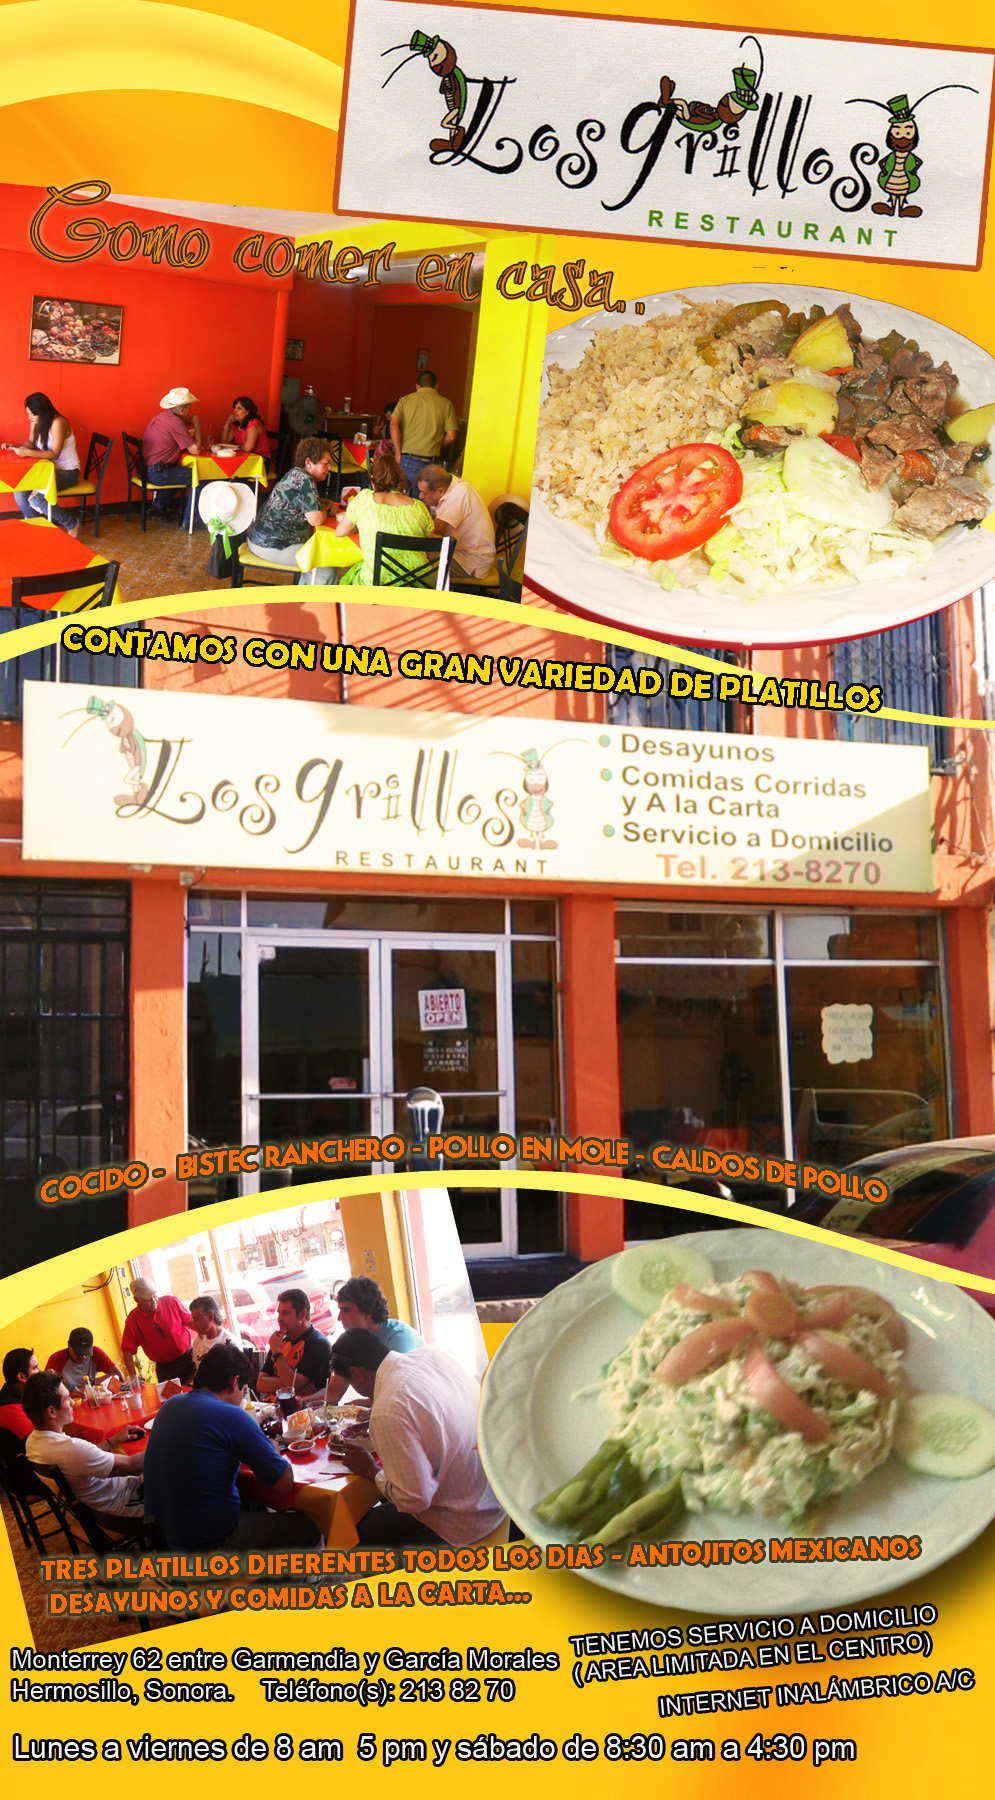 Los grillos restaurant en hermosillo anunciado por - Catering como en casa ...